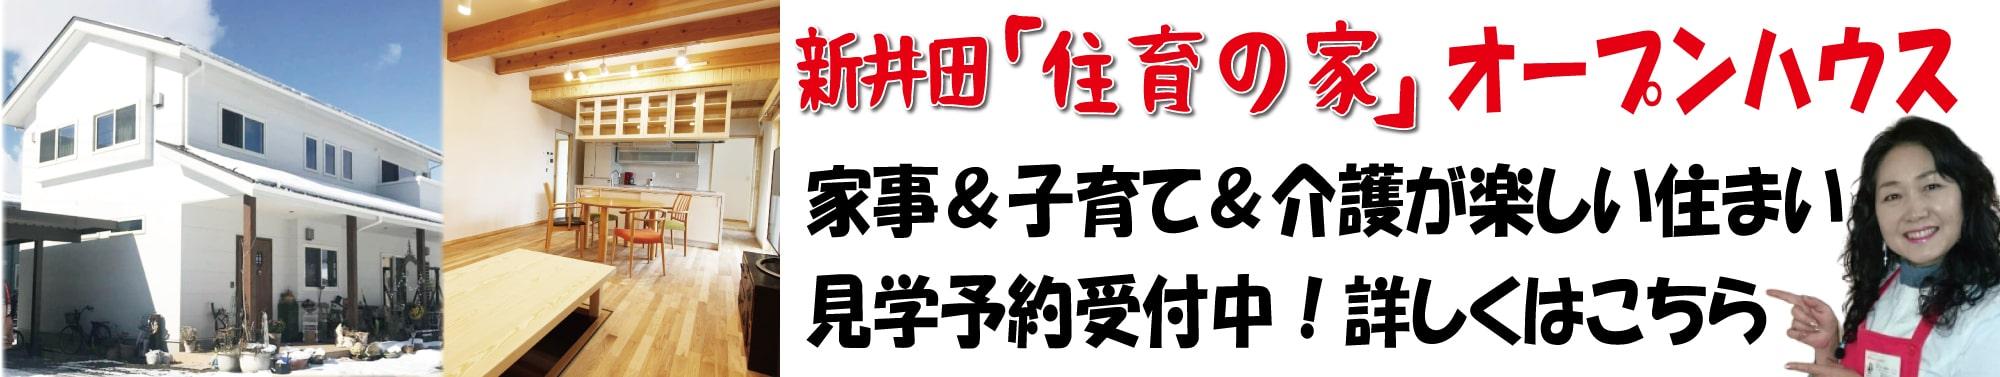 青森県初!新井田「住育の家」オープンハウス受付中!